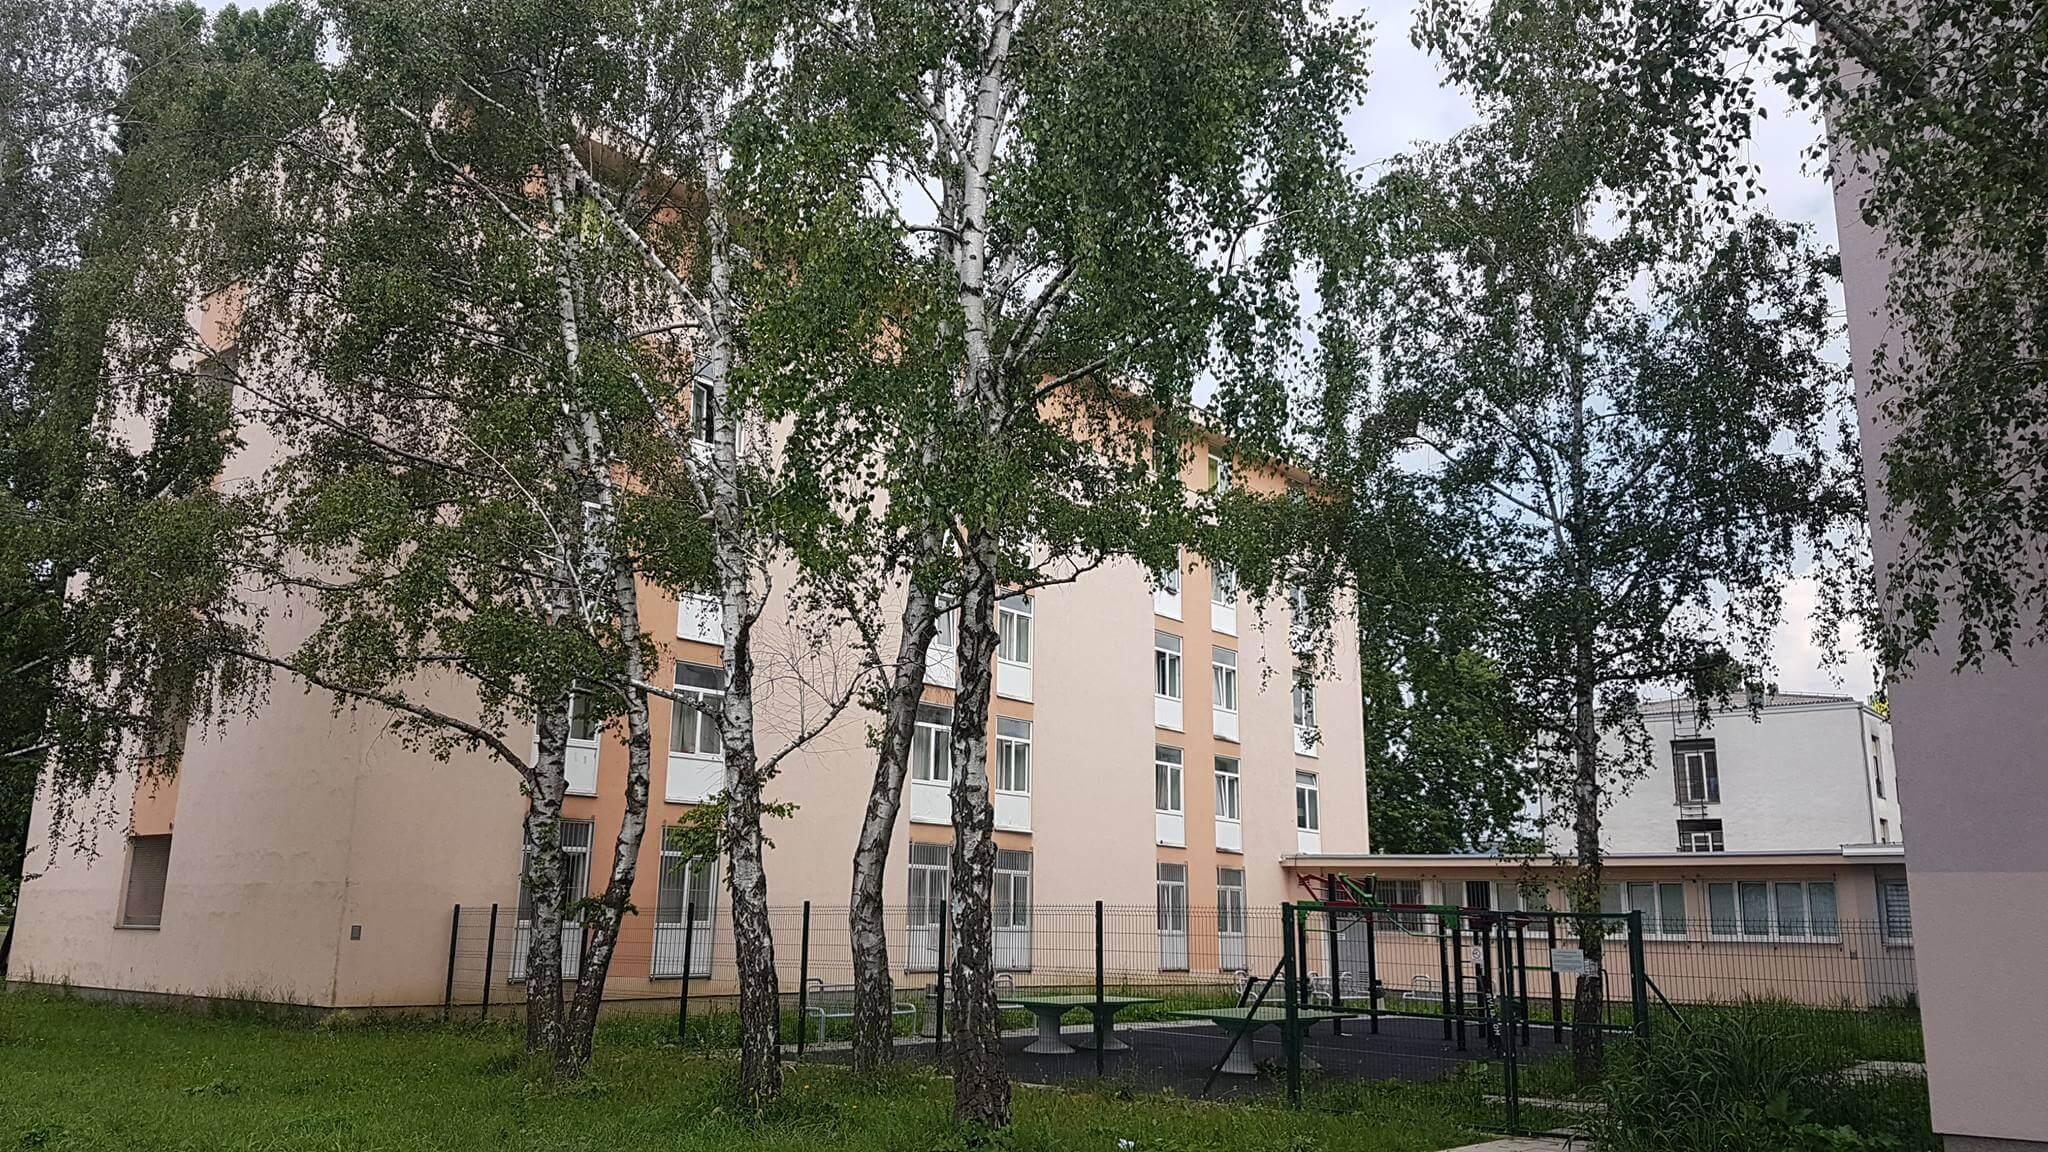 Učenici i studenti dobili obavijest da moraju iseliti iz doma, a Grad Zagreb tvrdi da to nije istina